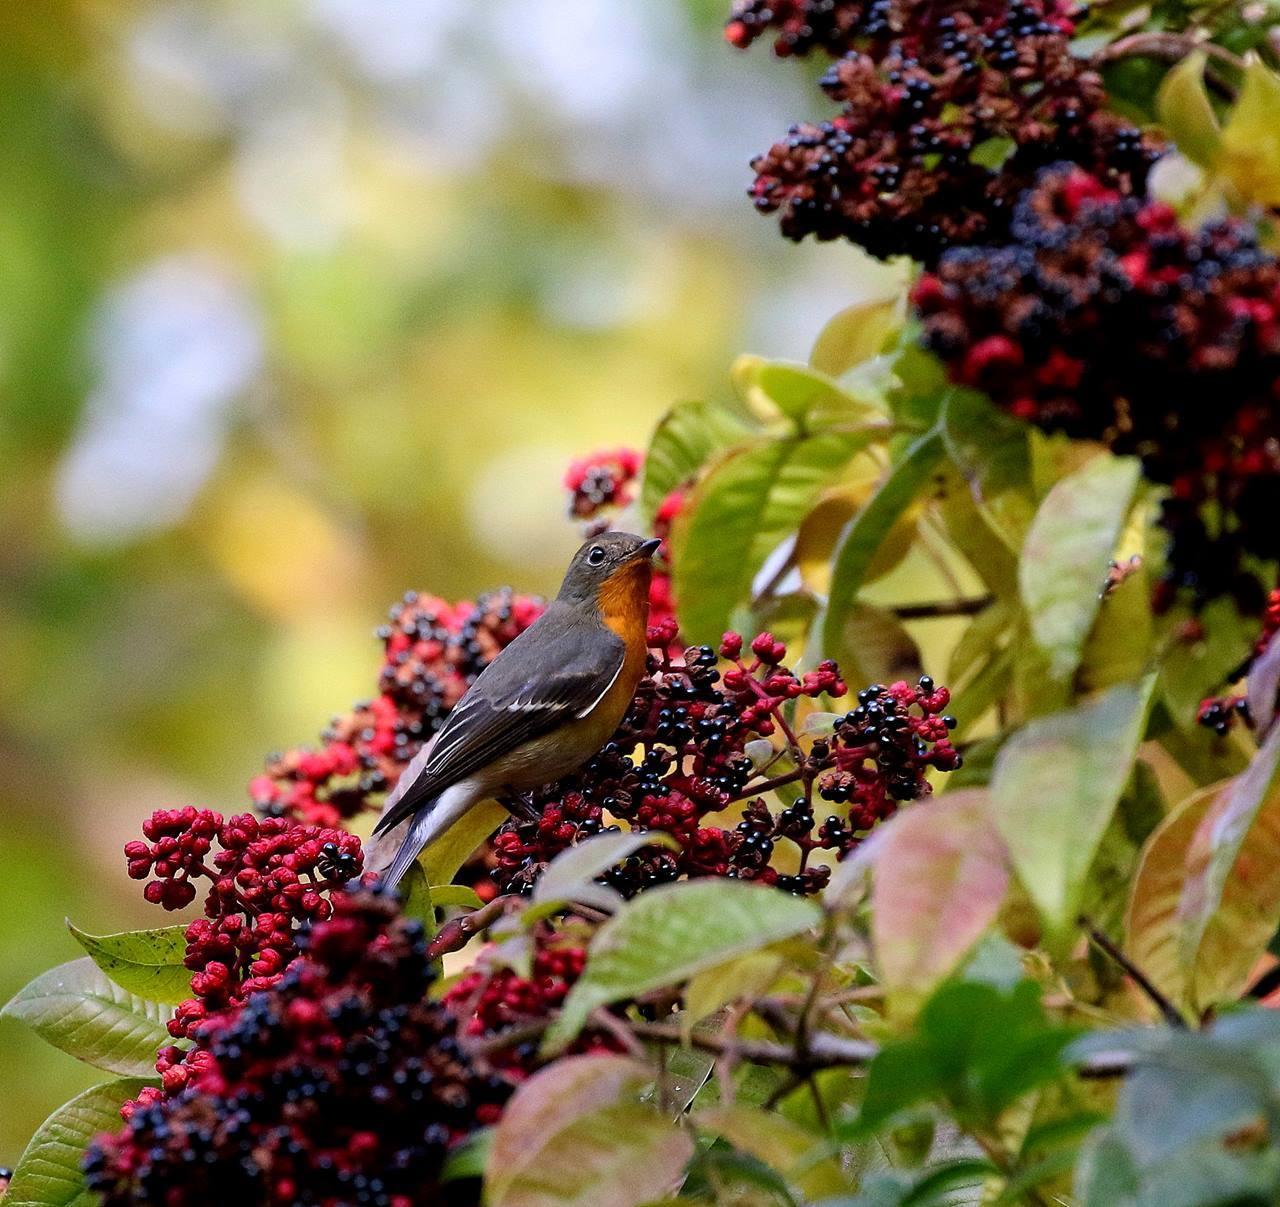 ムギマキが赤い実を・・・_c0213607_19020262.jpg